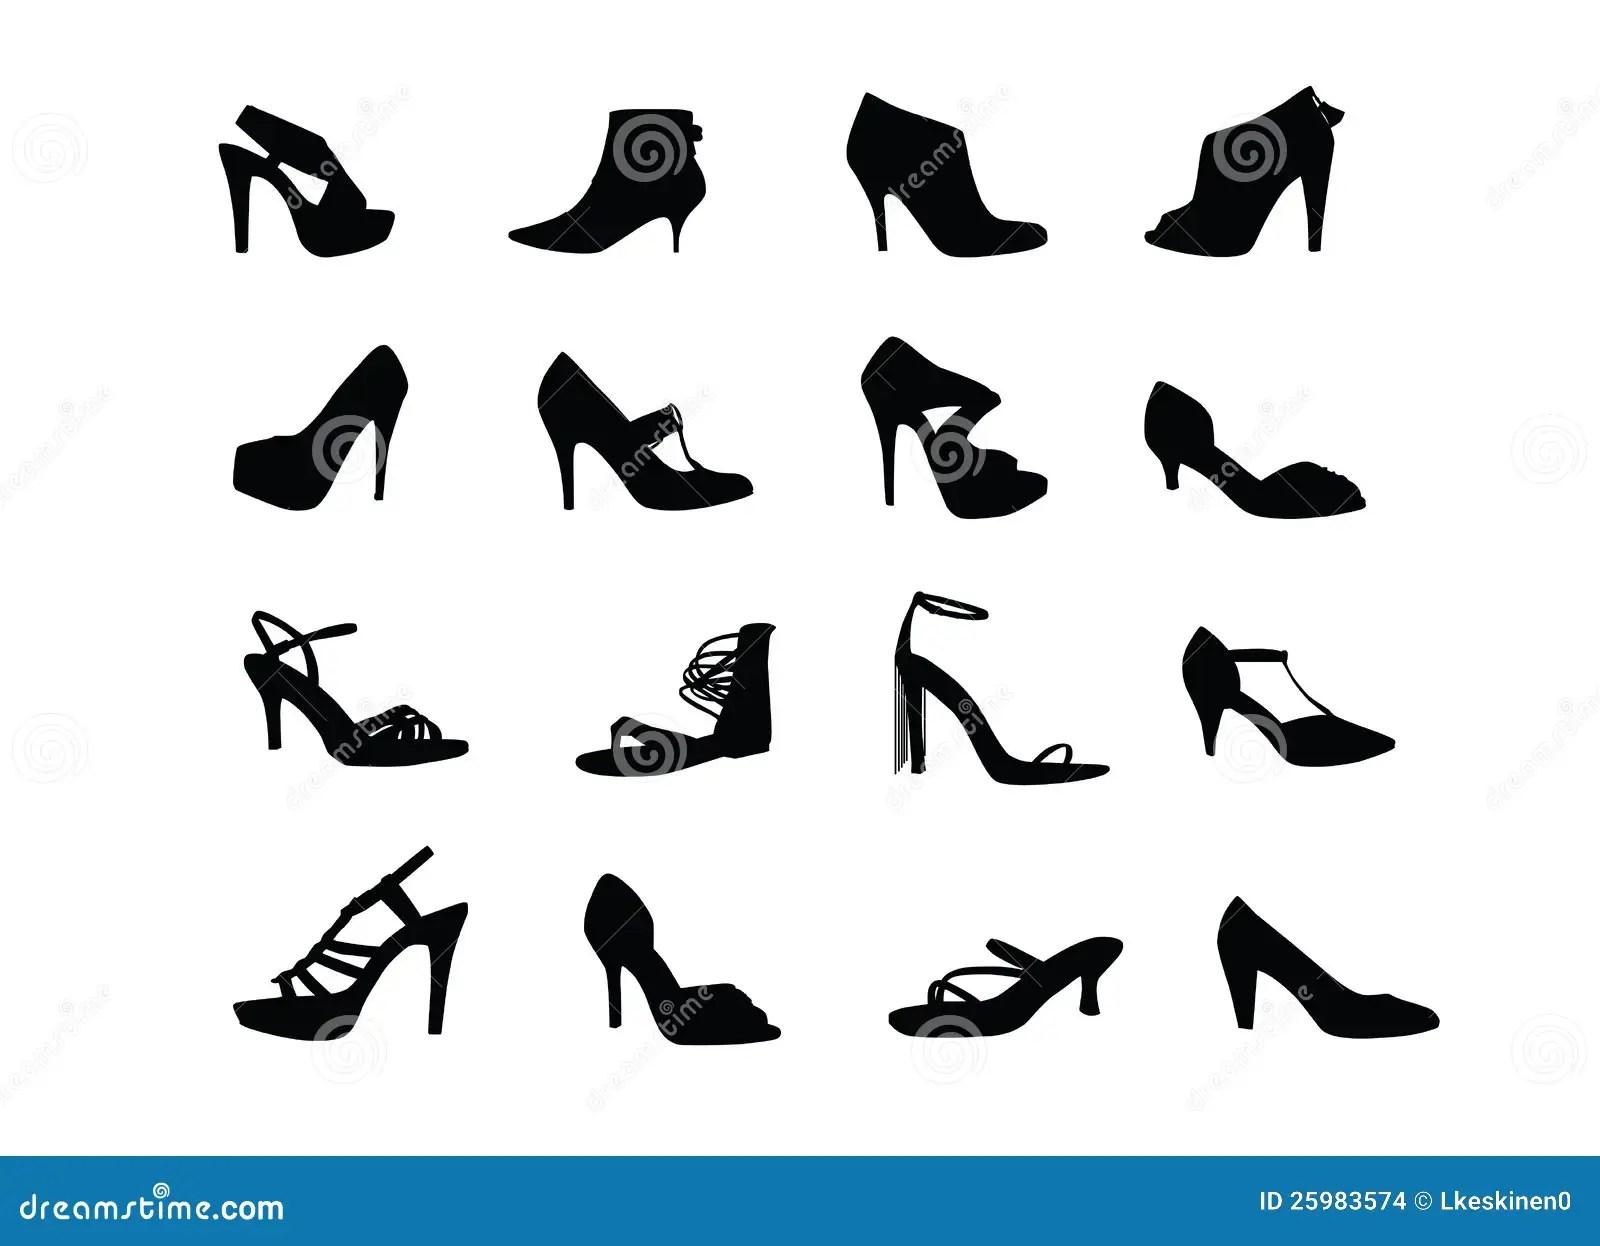 Pump Boots Heels